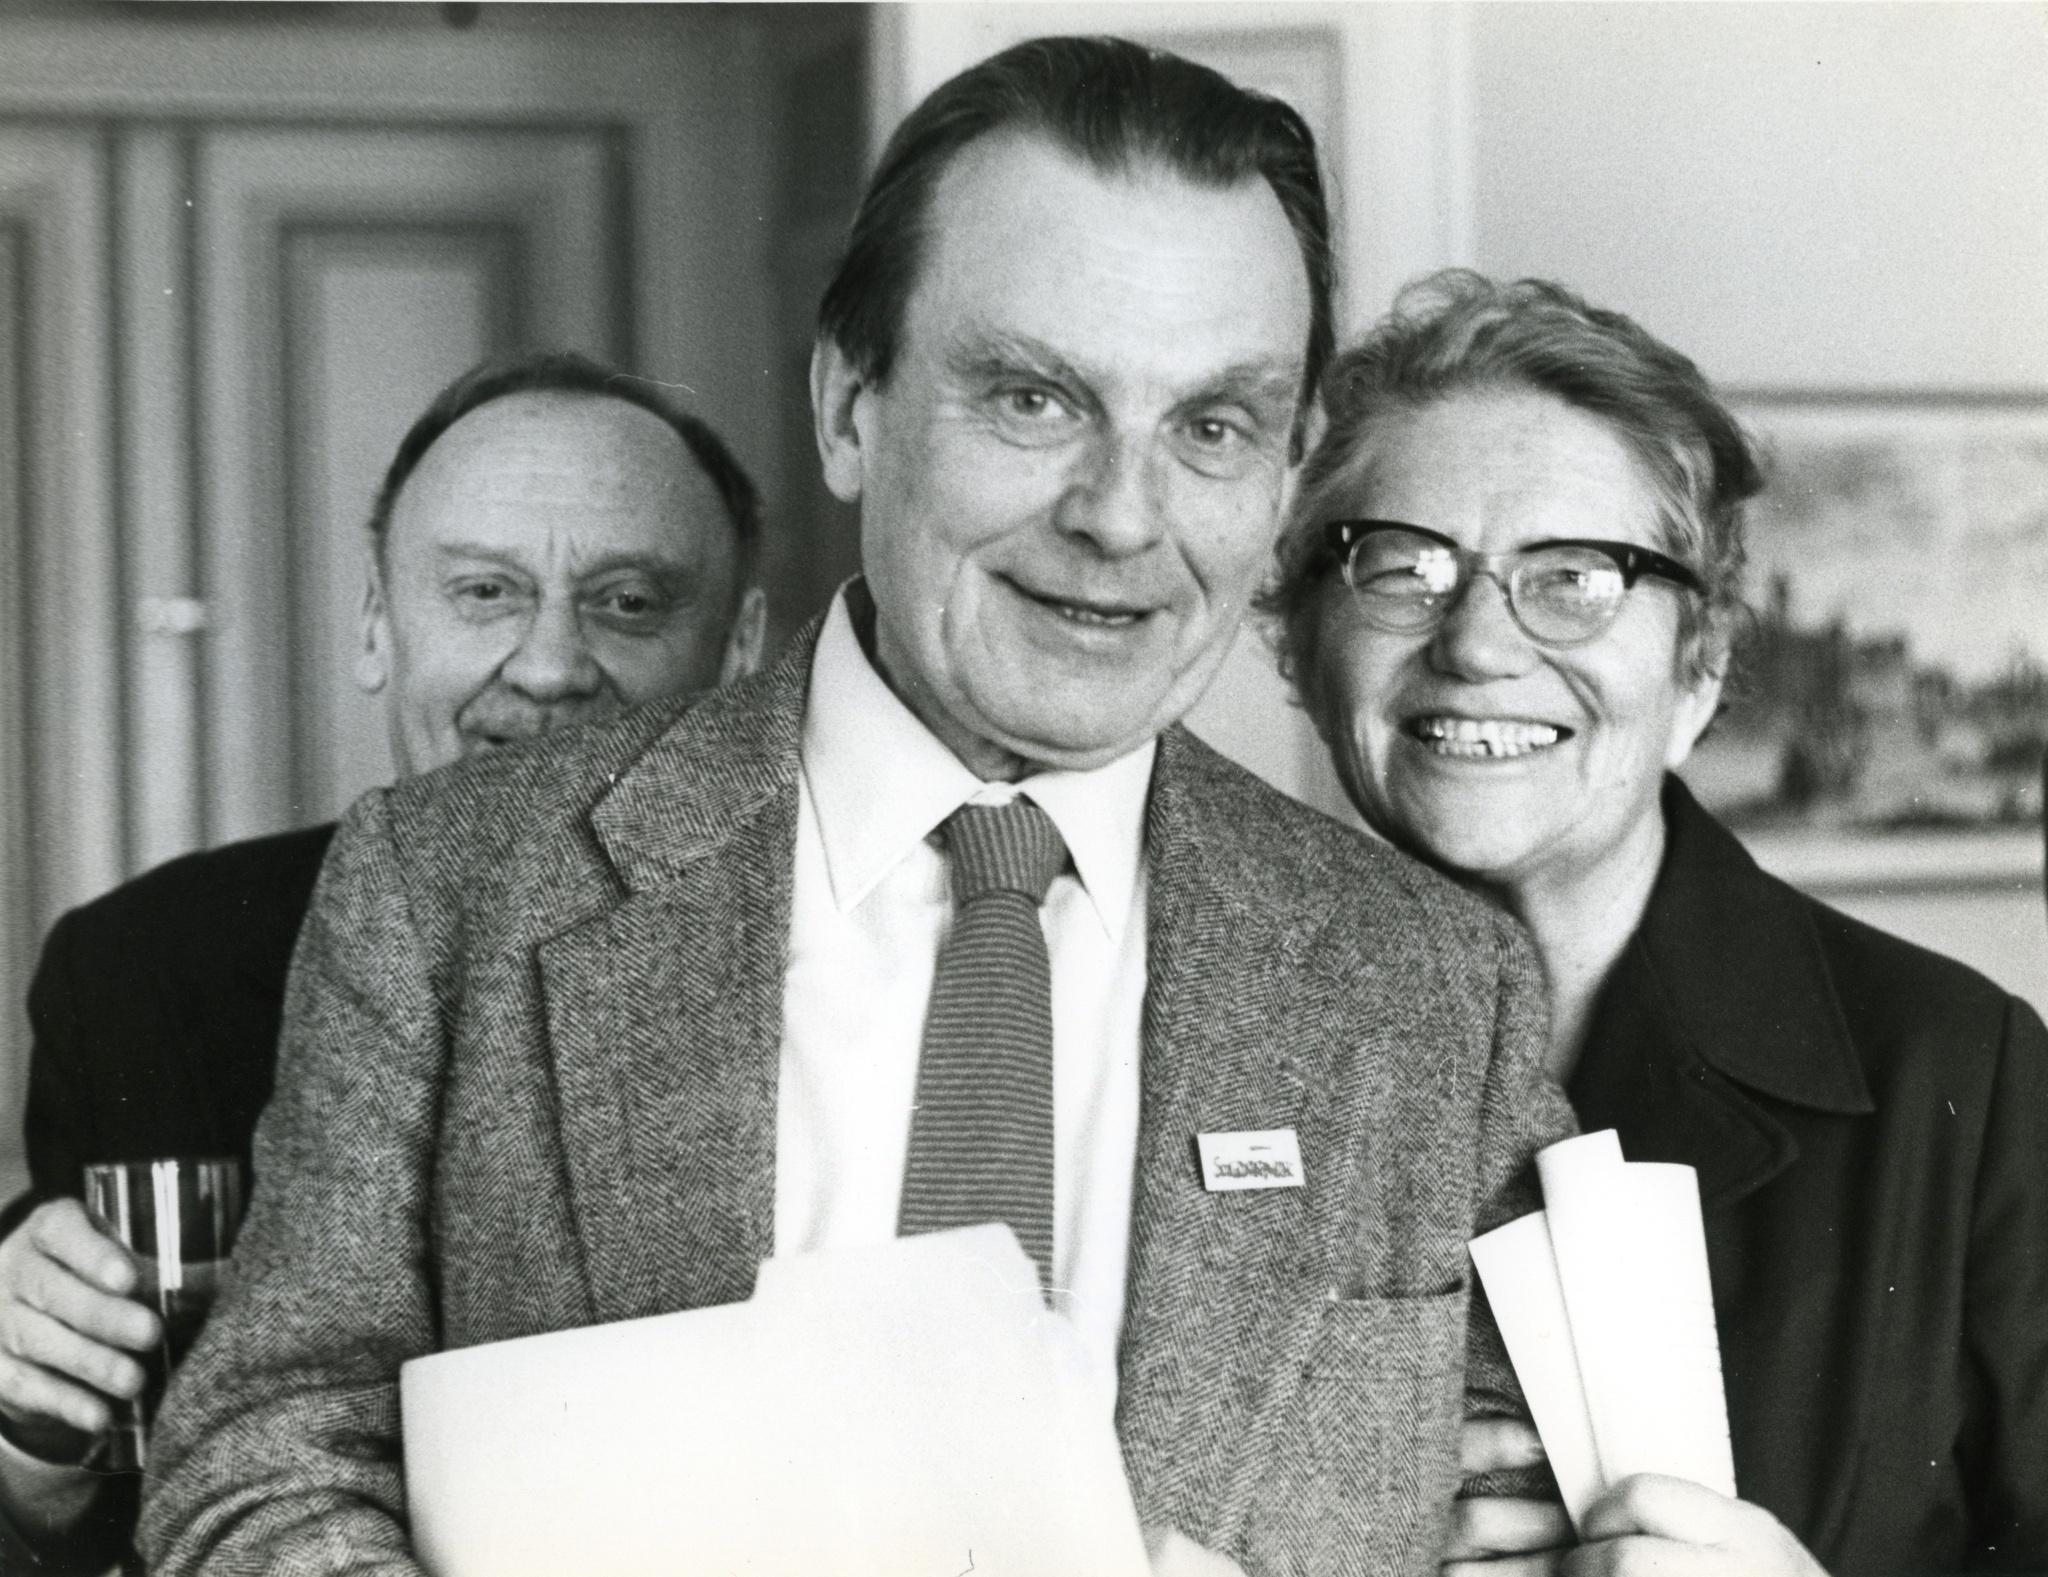 <div class='inner-box'><div class='close-desc'></div><span class='opis'>Czesław Miłosz ze znaczkiem &bdquo;Solidarności&rdquo; w klapie, za nim Stefan Kisielewski i Irena Sławińska, Sztokholm, 1980 r.</span><div class='clearfix'></div><span>Sygn. FIL00854</span><div class='clearfix'></div><span class='autor'>fot. Tomasz Abramowicz</span><div class='clearfix'></div><span>&copy;Tomasz Abramowicz</span></div>